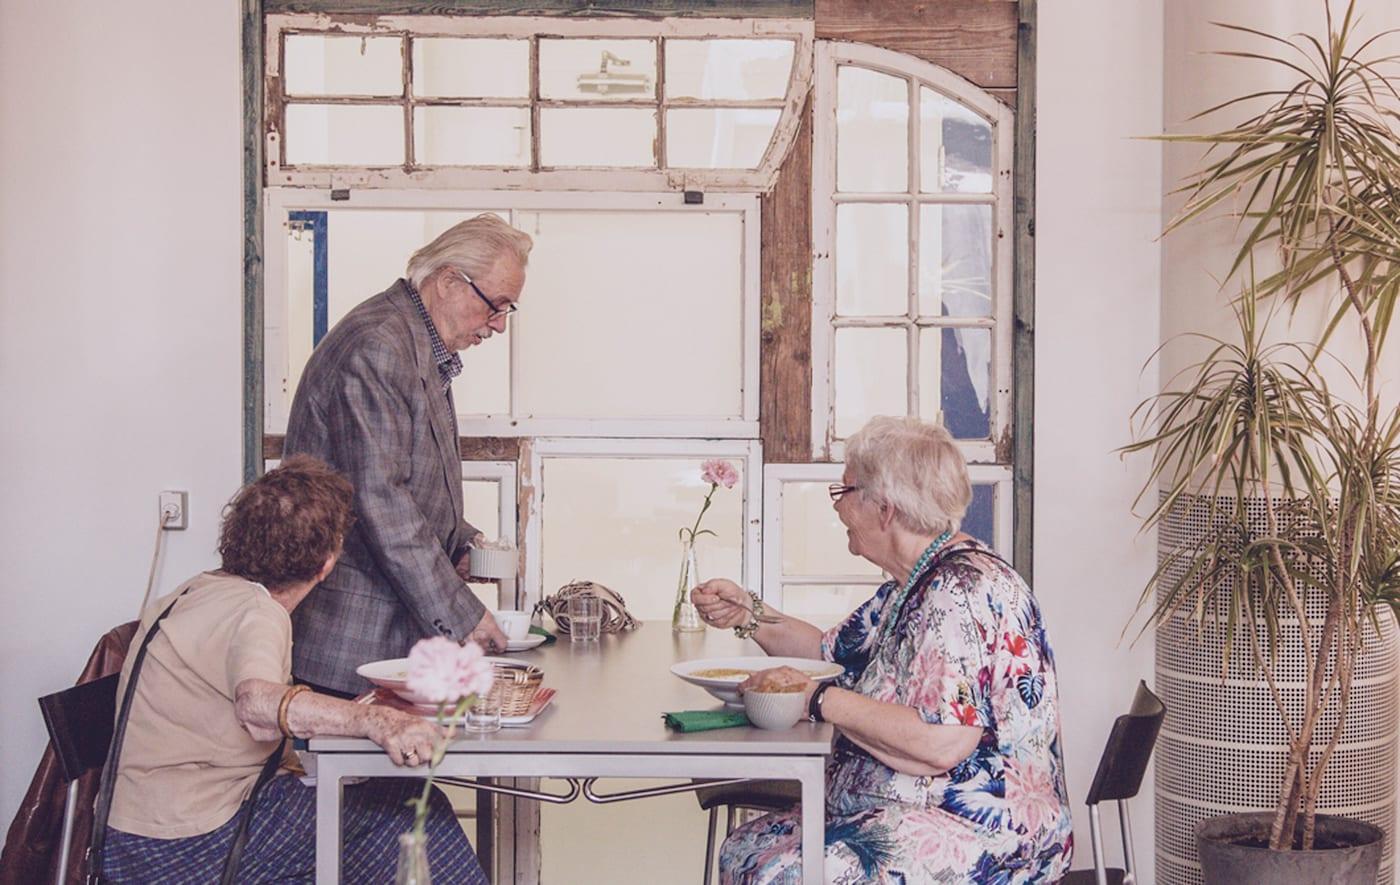 Tri starije osobe sjede za stolom i uživaju u zajedničkom obroku.